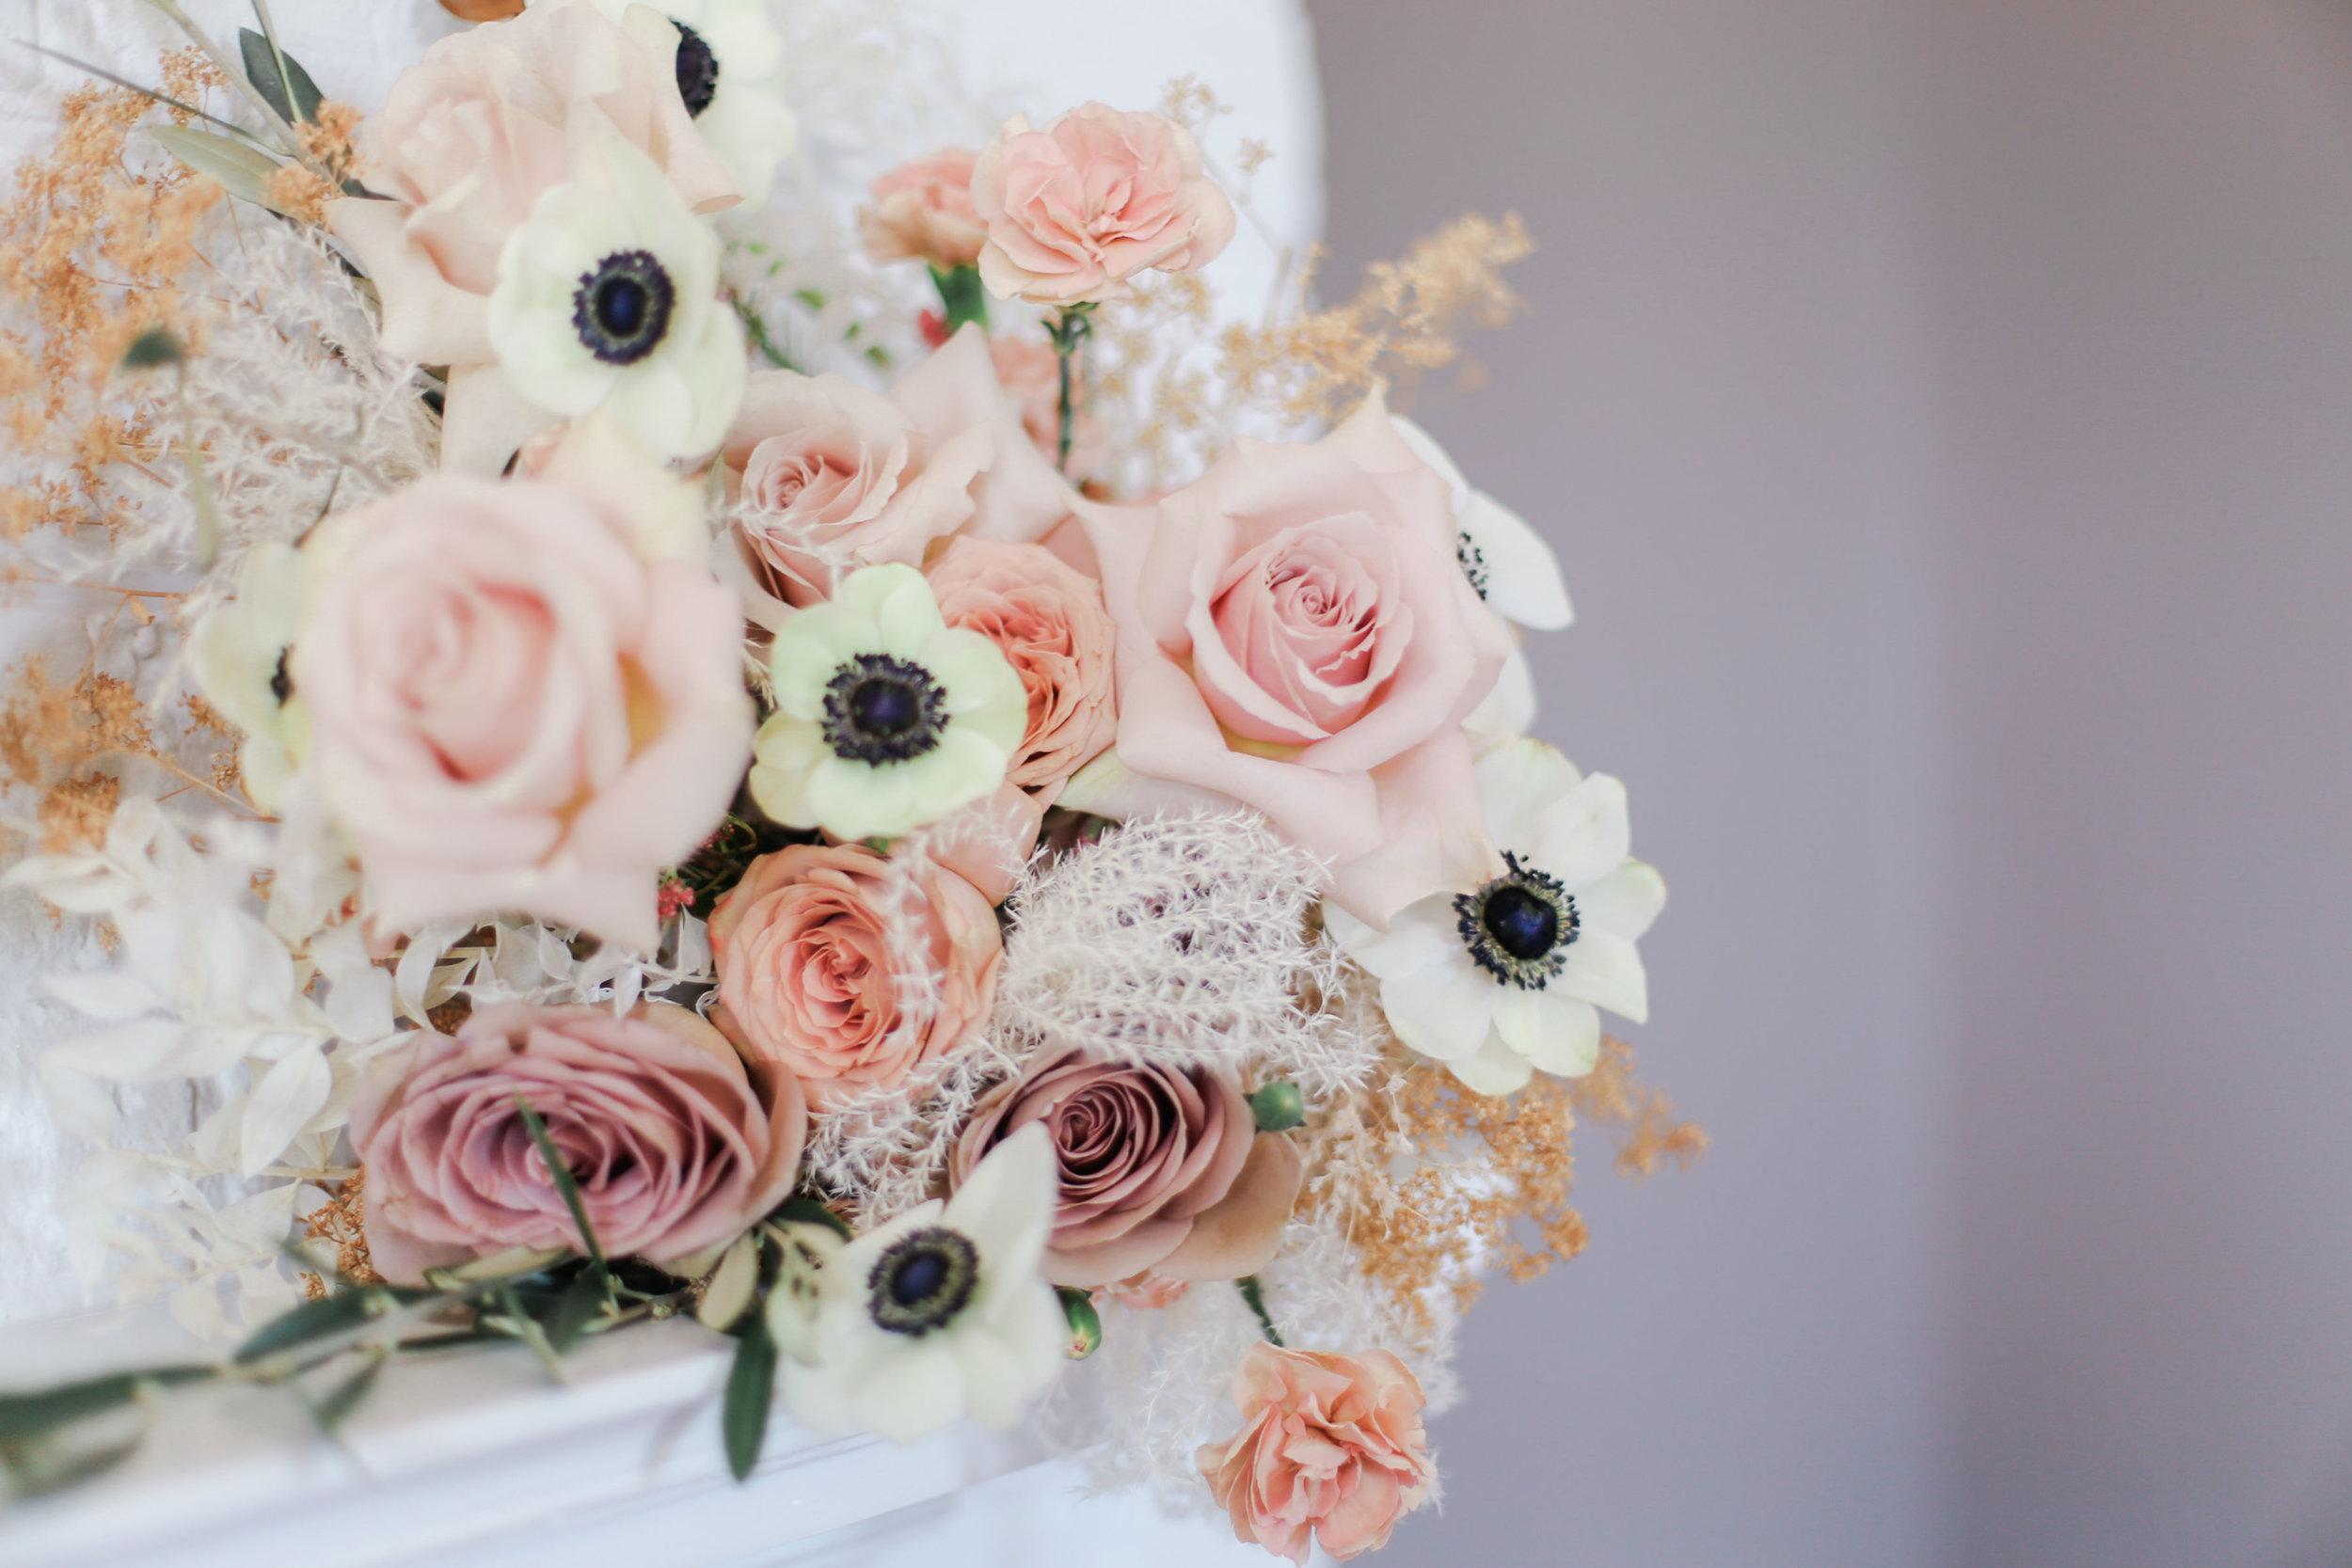 jennifer-hayward,roanoke-wedding-photographer,roanoke-maternity-photographer-15.jpg